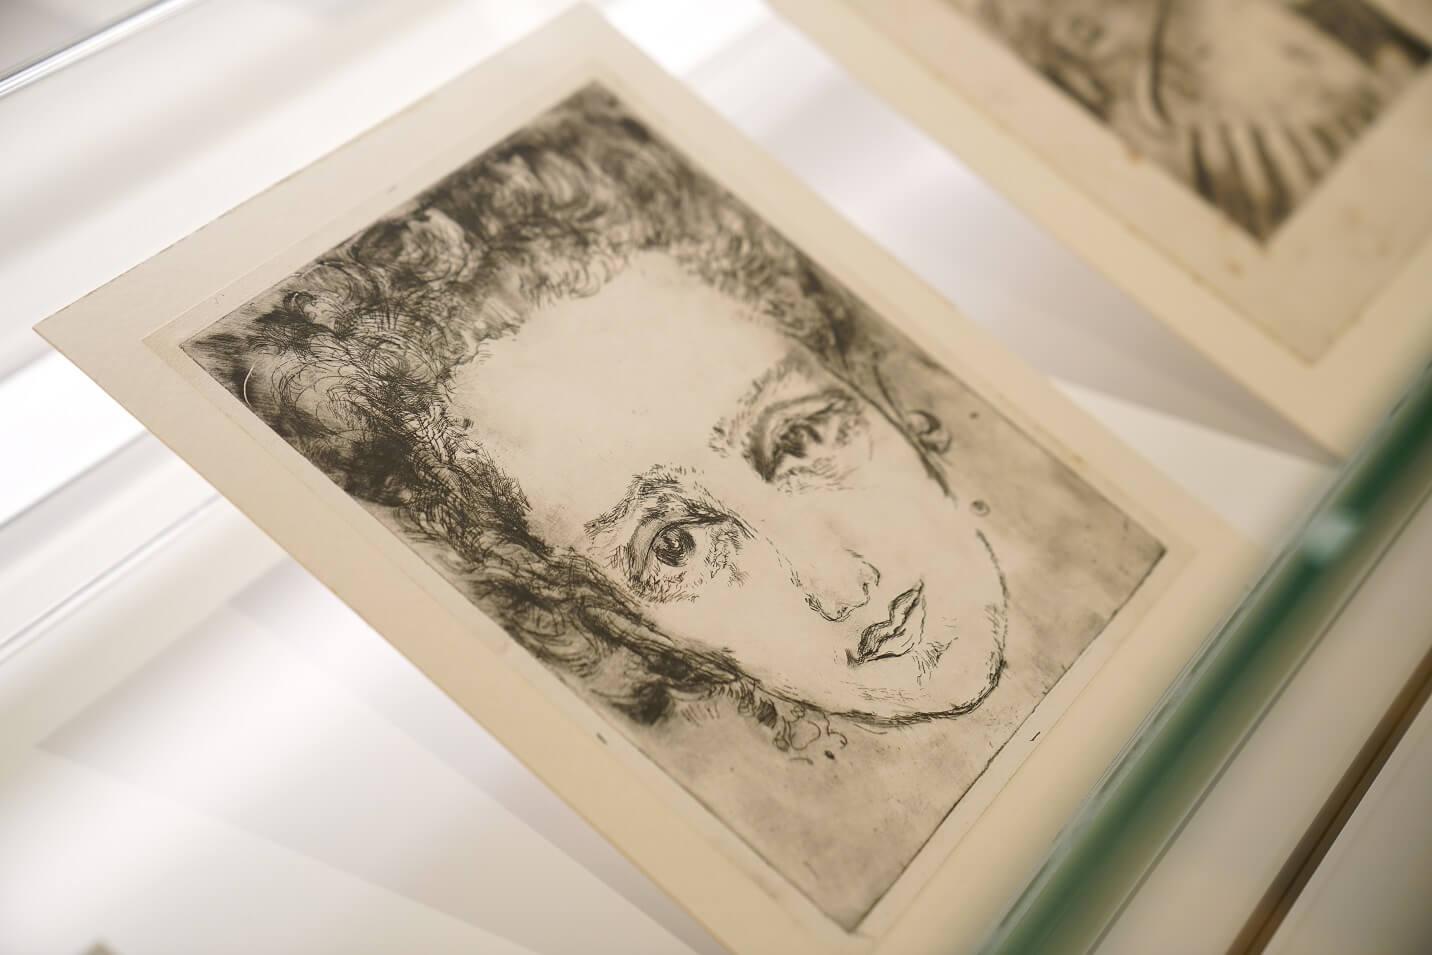 Aliye Berger《Self-portrait》──Aliye Berger乃土耳其首批版畫畫家,以表現主義的版畫見稱。